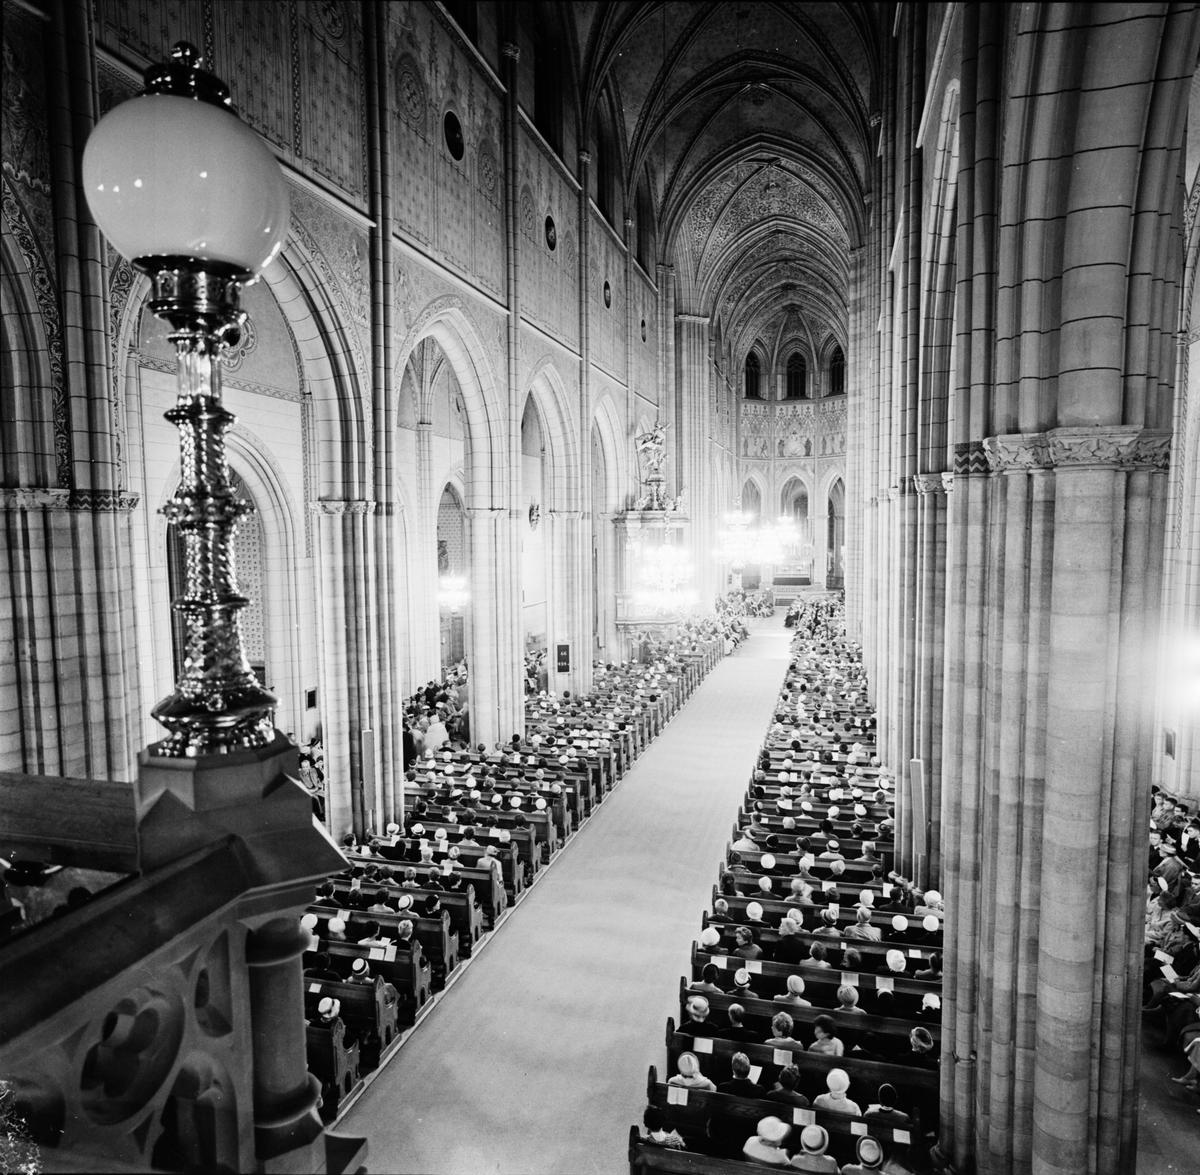 Dag Hammarskjöld, UD:s pressavdelning i Uppala domkyrka, 22 september 1961